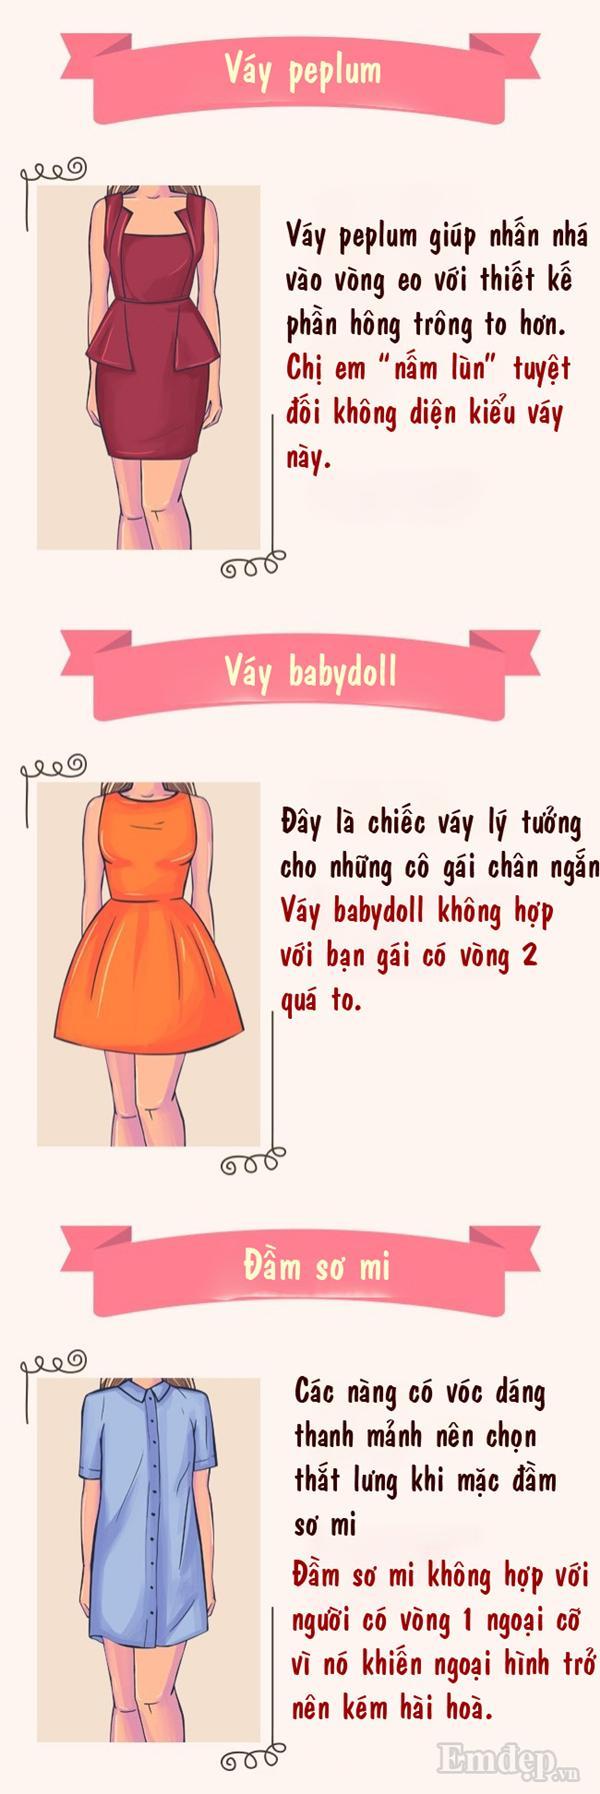 Ưu nhược điểm to đùng của 10 kiểu váy bạn mặc hàng ngày-3